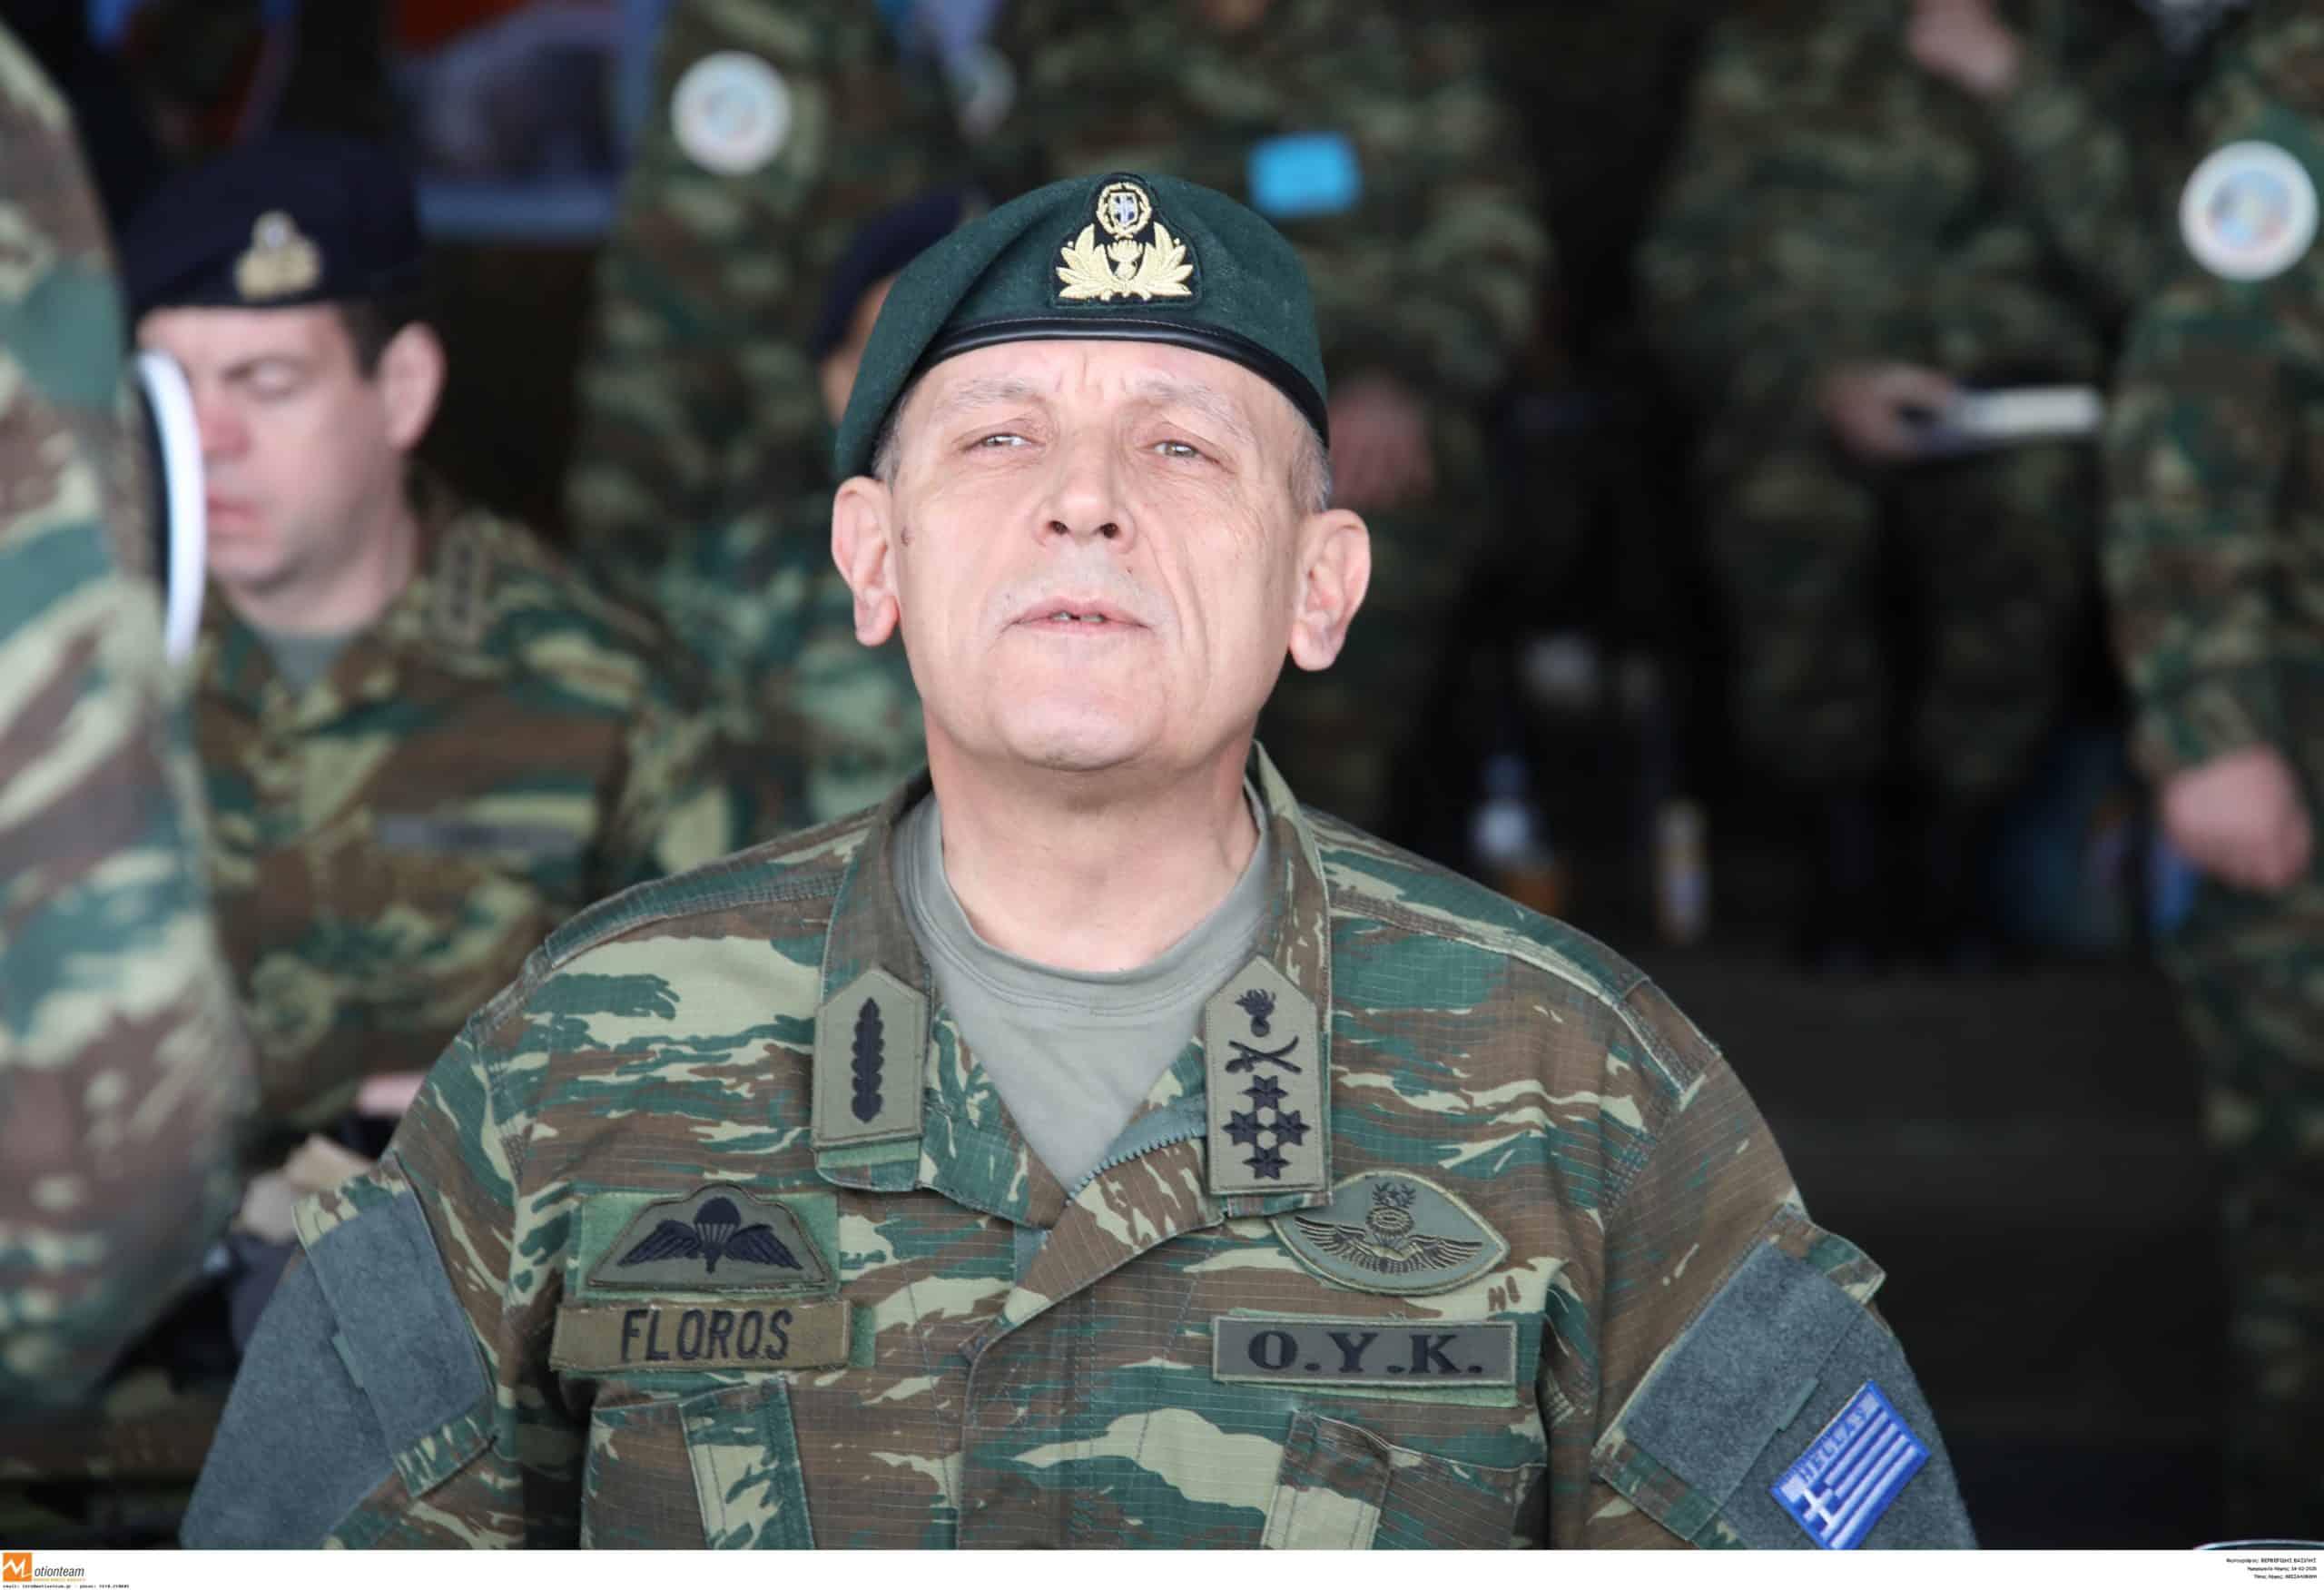 Πολυεθνική άσκηση Χρυσόμαλλο Δέρας 2020: Μήνυμα συνεργασίας για την ασφάλεια στην περιοχή έστειλε από την Μακεδονία ο Αρχηγός ΓΕΕΘΑ